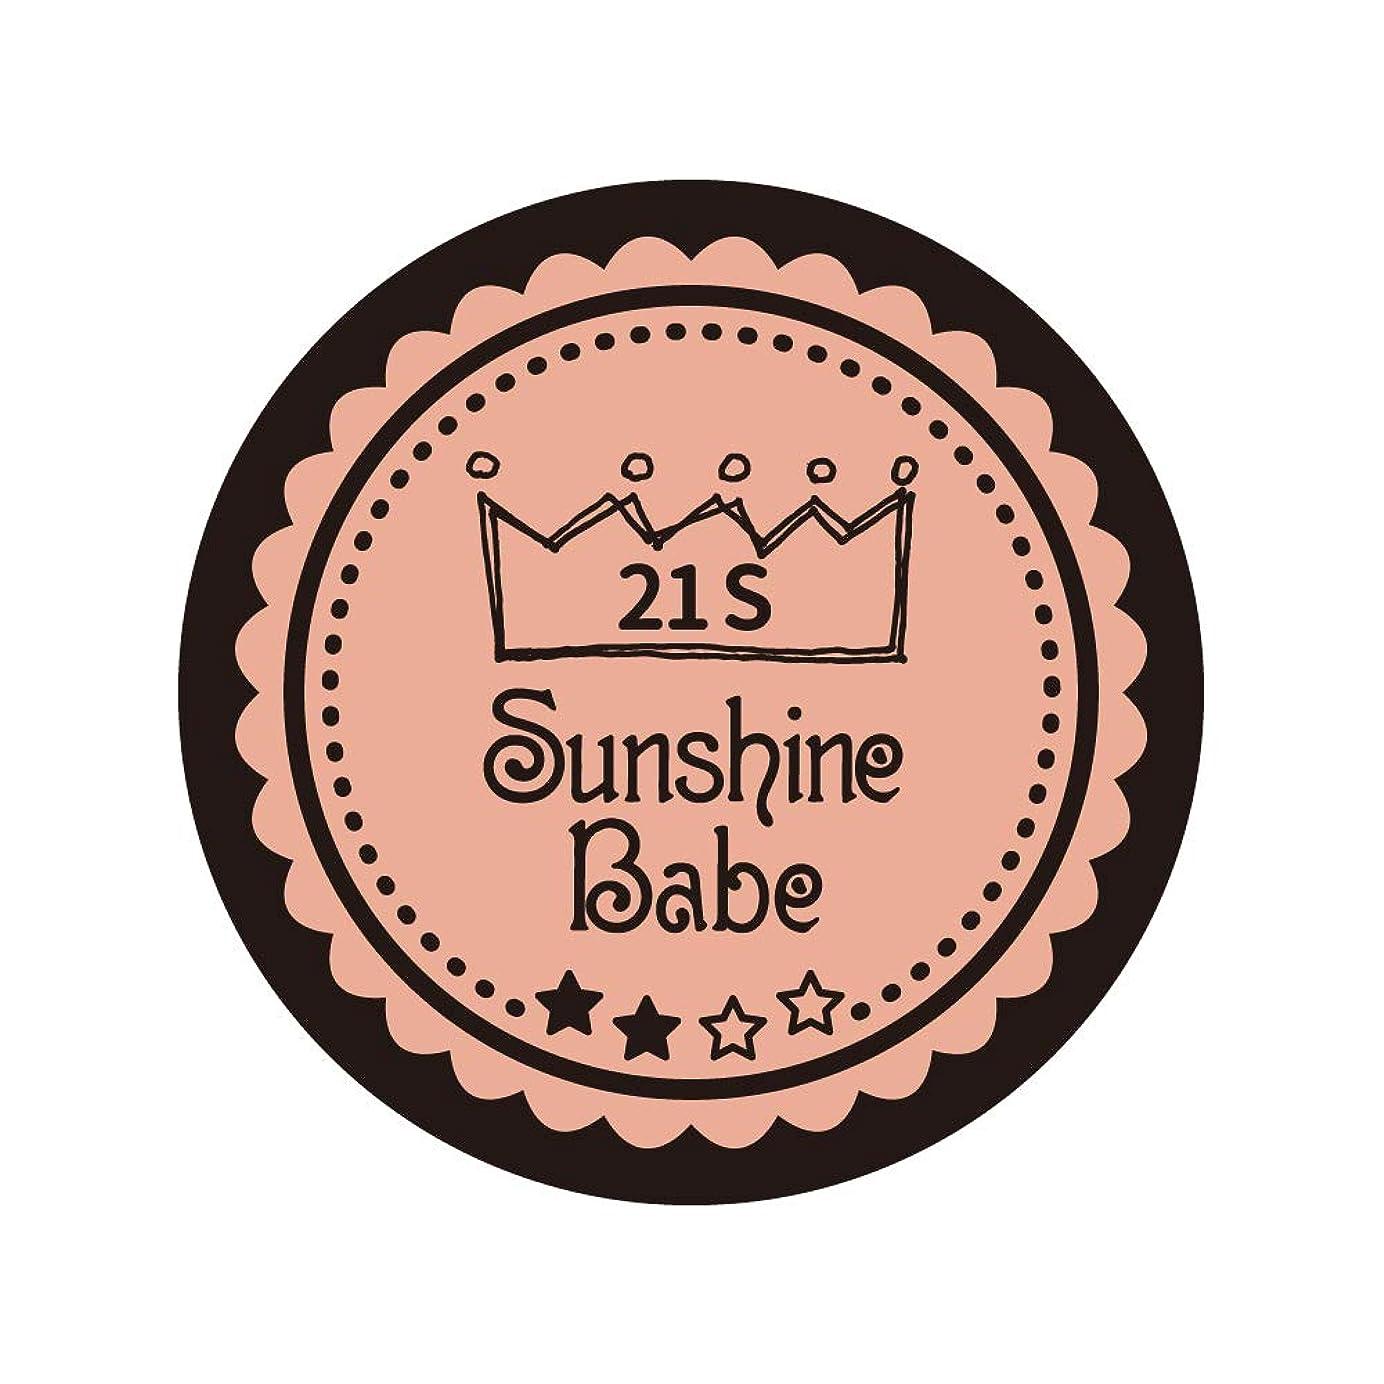 コンクリート永遠に素晴らしいですSunshine Babe コスメティックカラー 21S アロンピンク 4g UV/LED対応